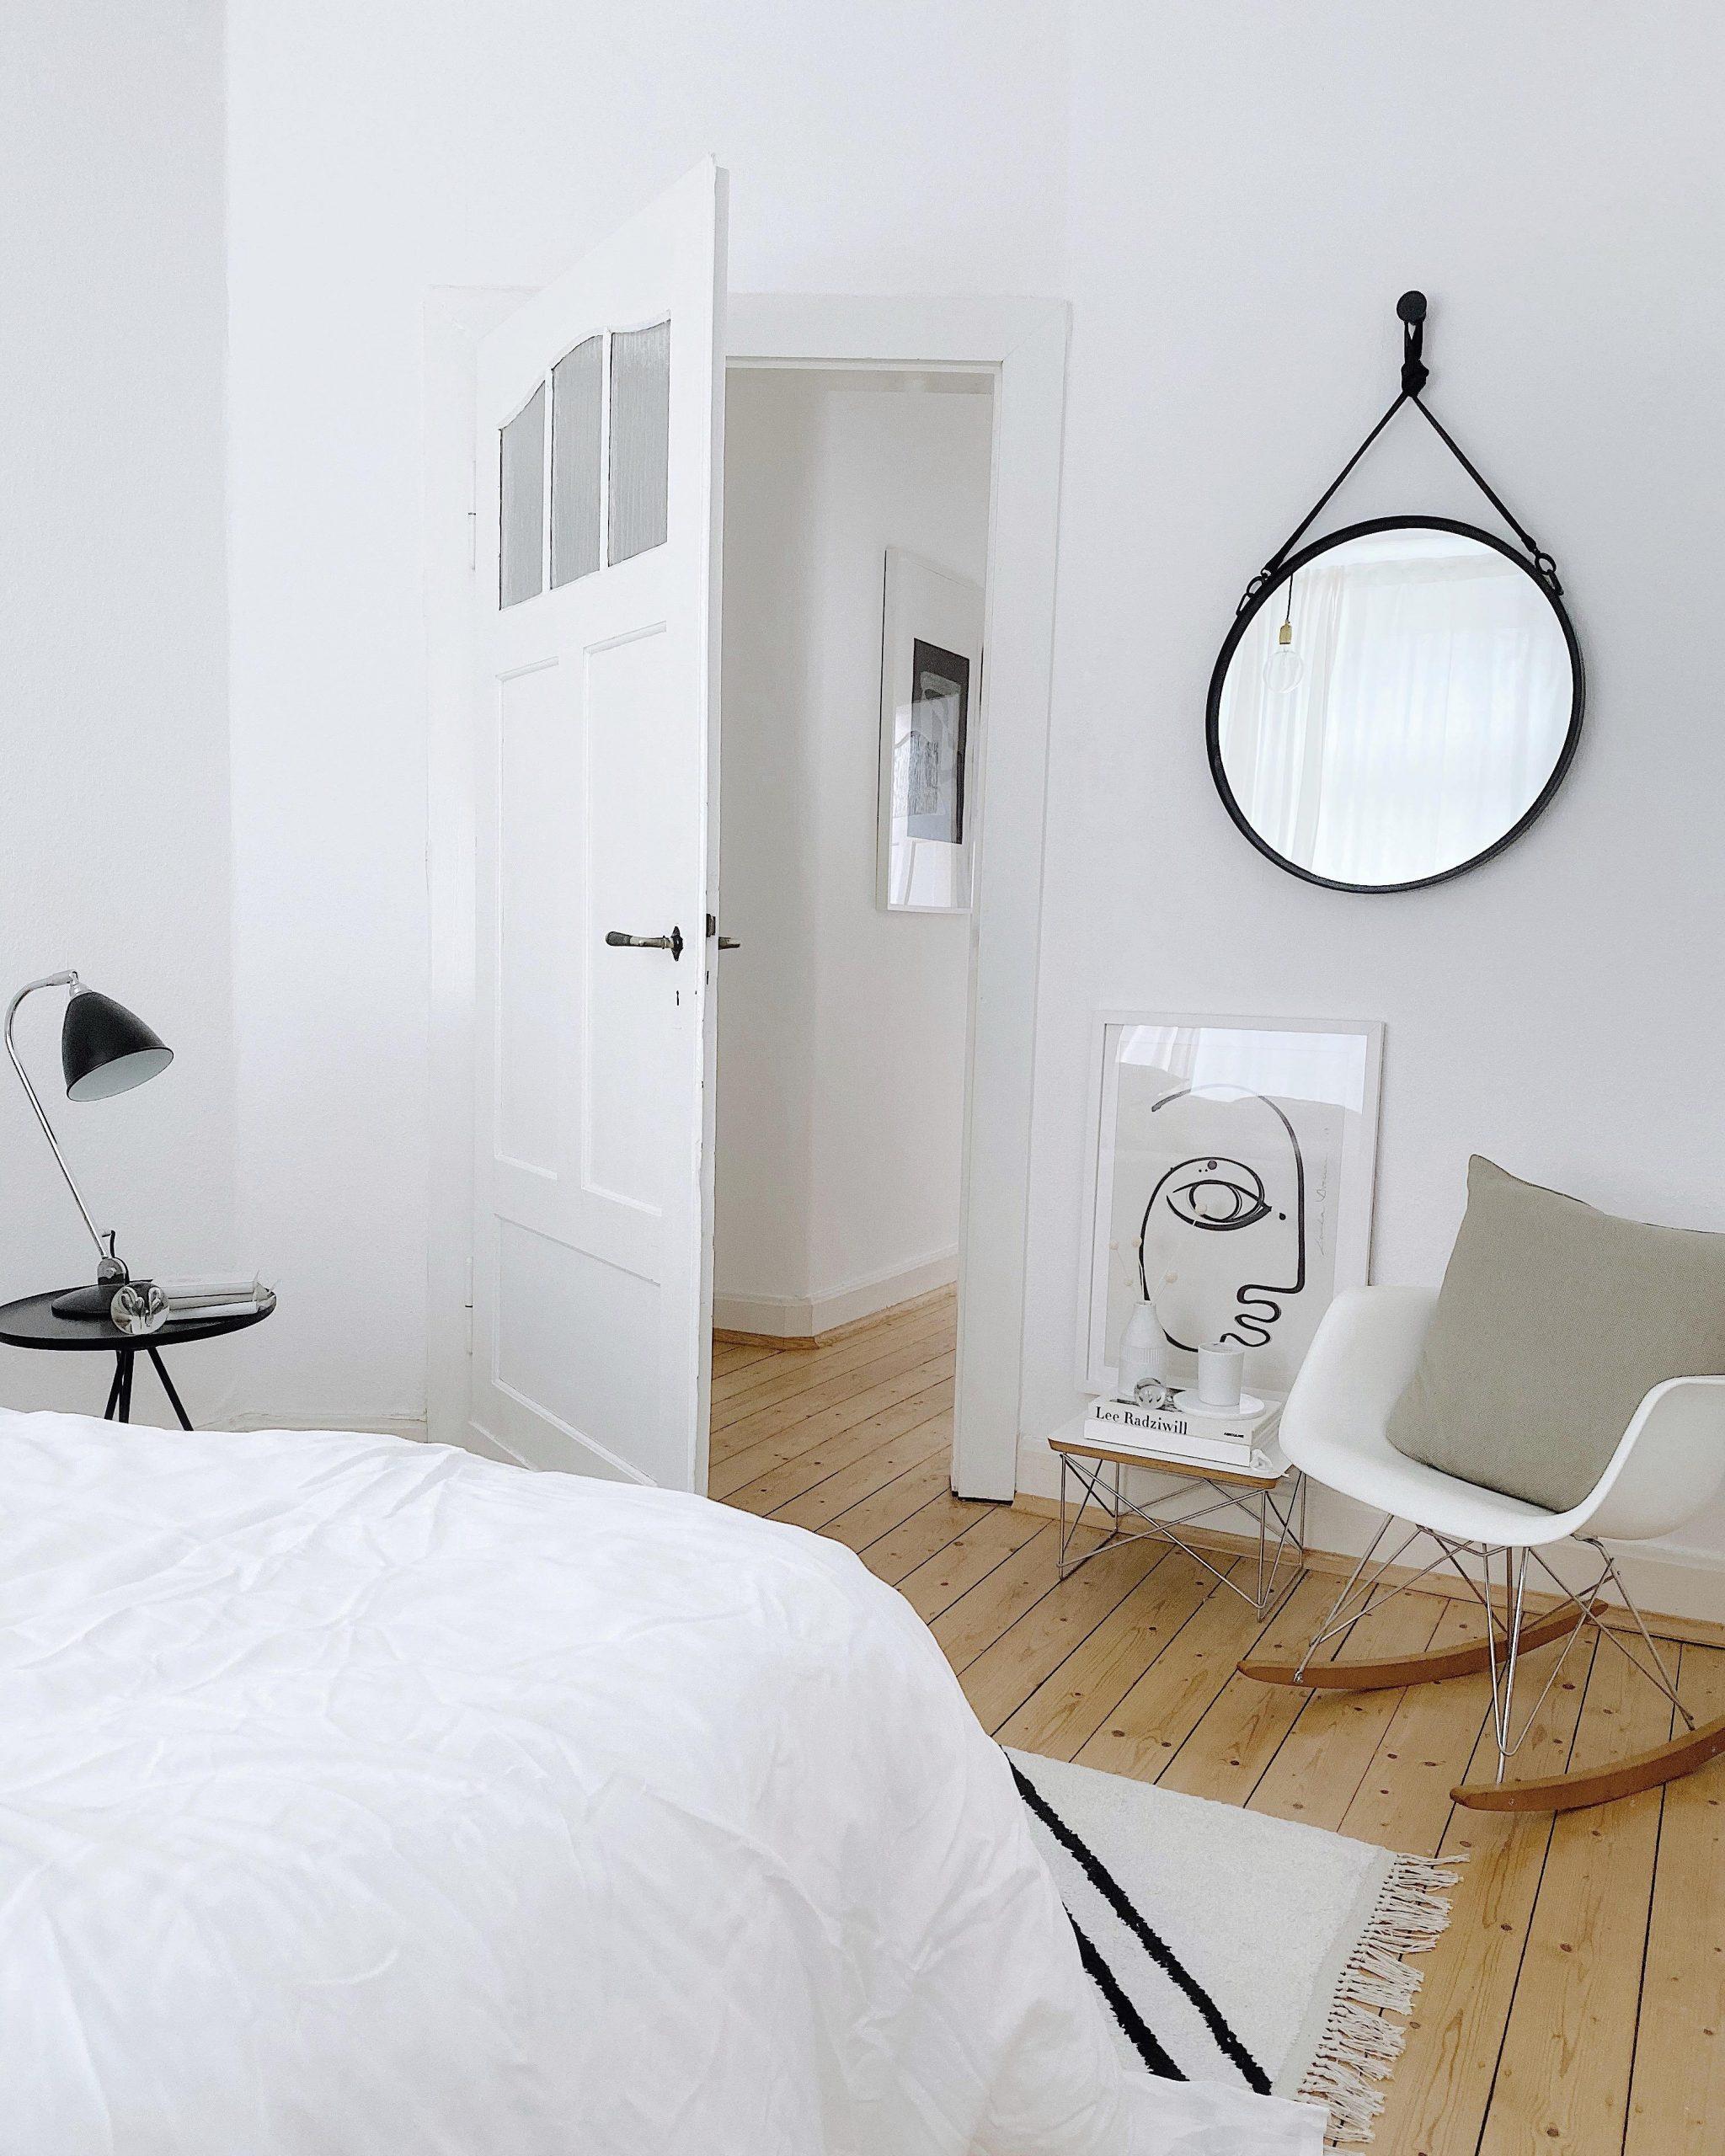 Full Size of Schlafzimmer Deko So Machst Du Es Dir Gemtlich Wandtattoo Deckenlampe Komplett Weiß Wandlampe Deckenleuchten Tapeten Eckschrank Stuhl Für Günstig Kommode Wohnzimmer Schlafzimmer Dekorieren